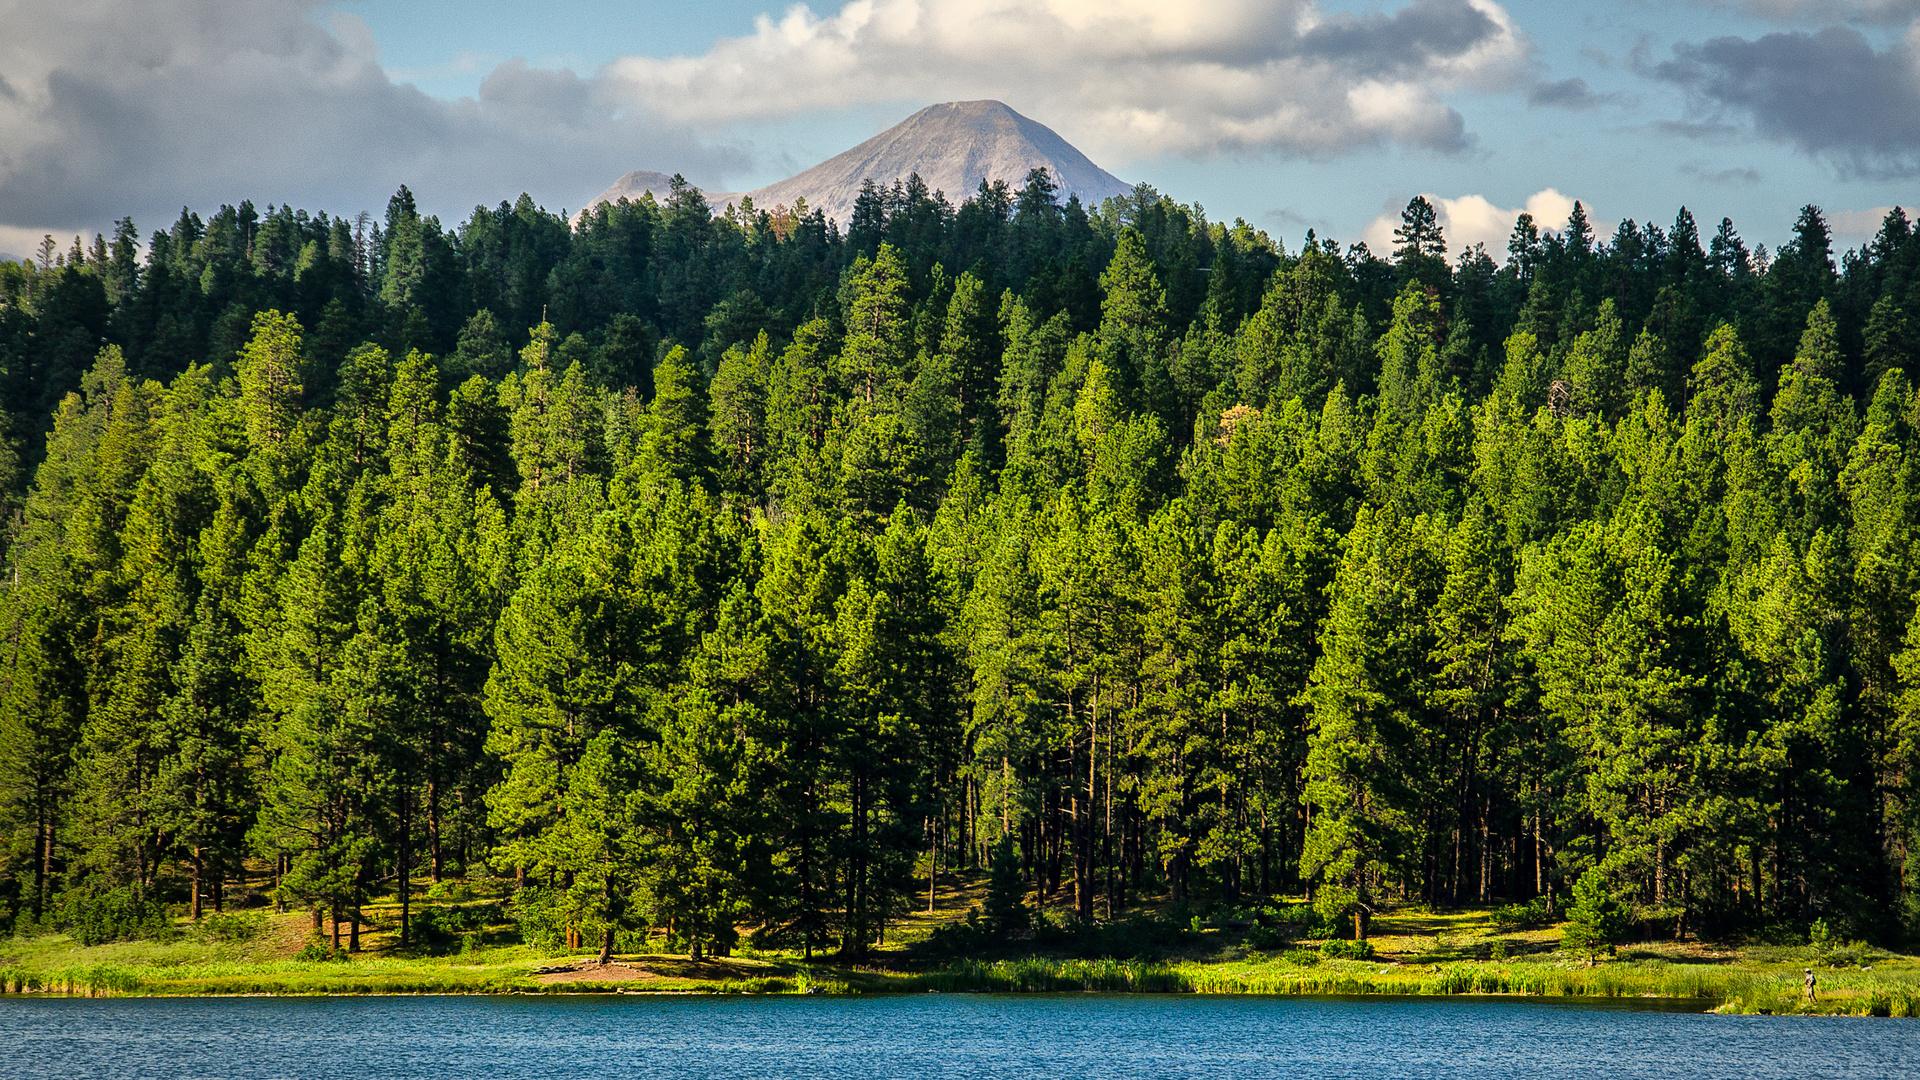 Картинки нескольких лесов